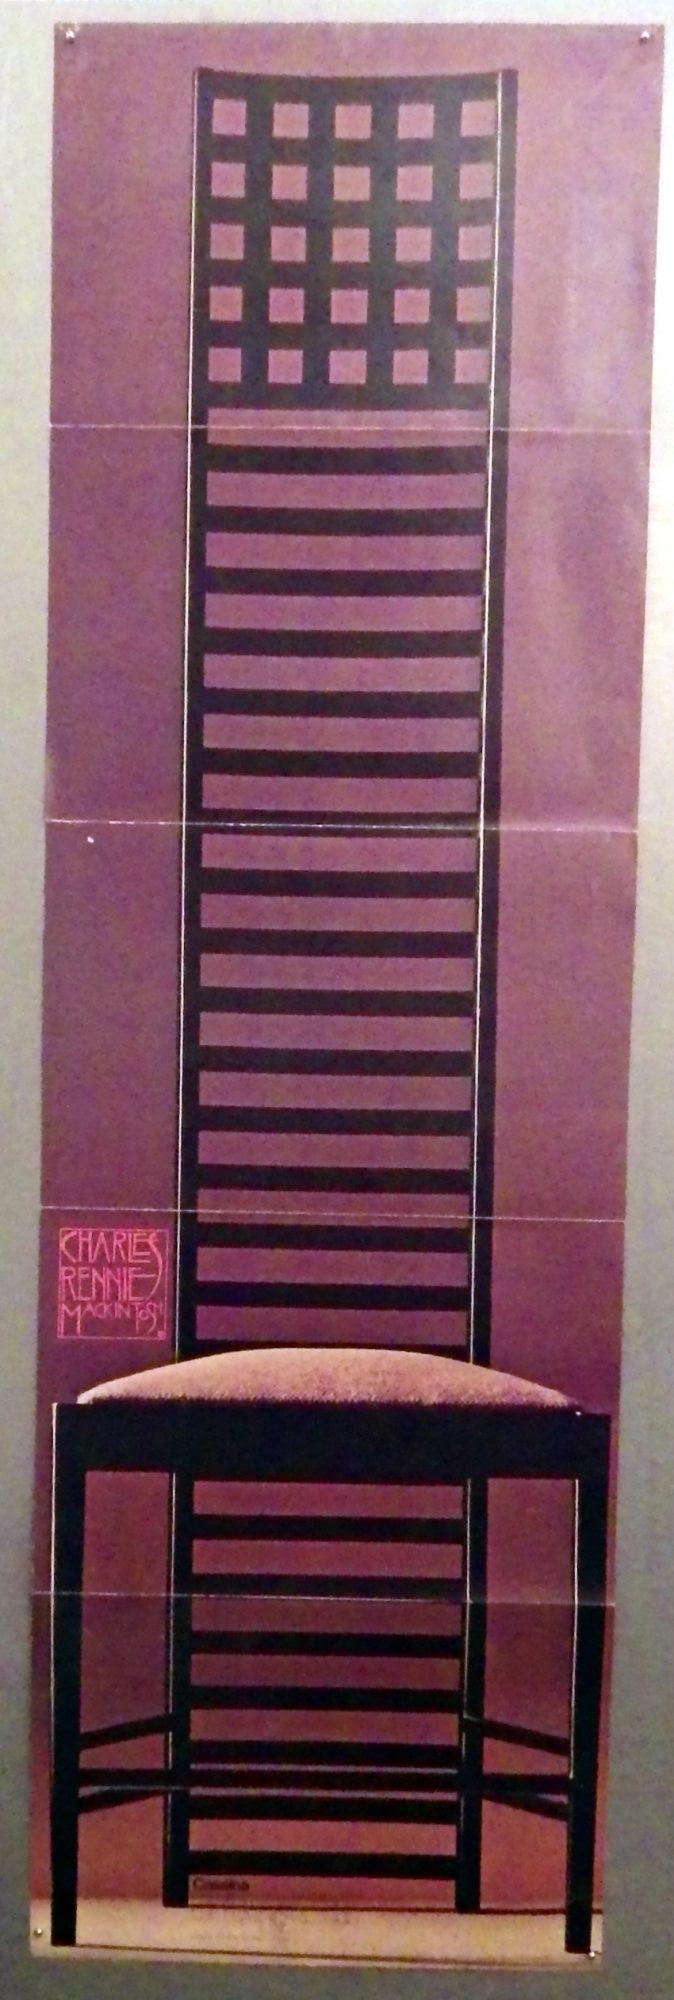 Charles Rennie Mackintosh chair poster